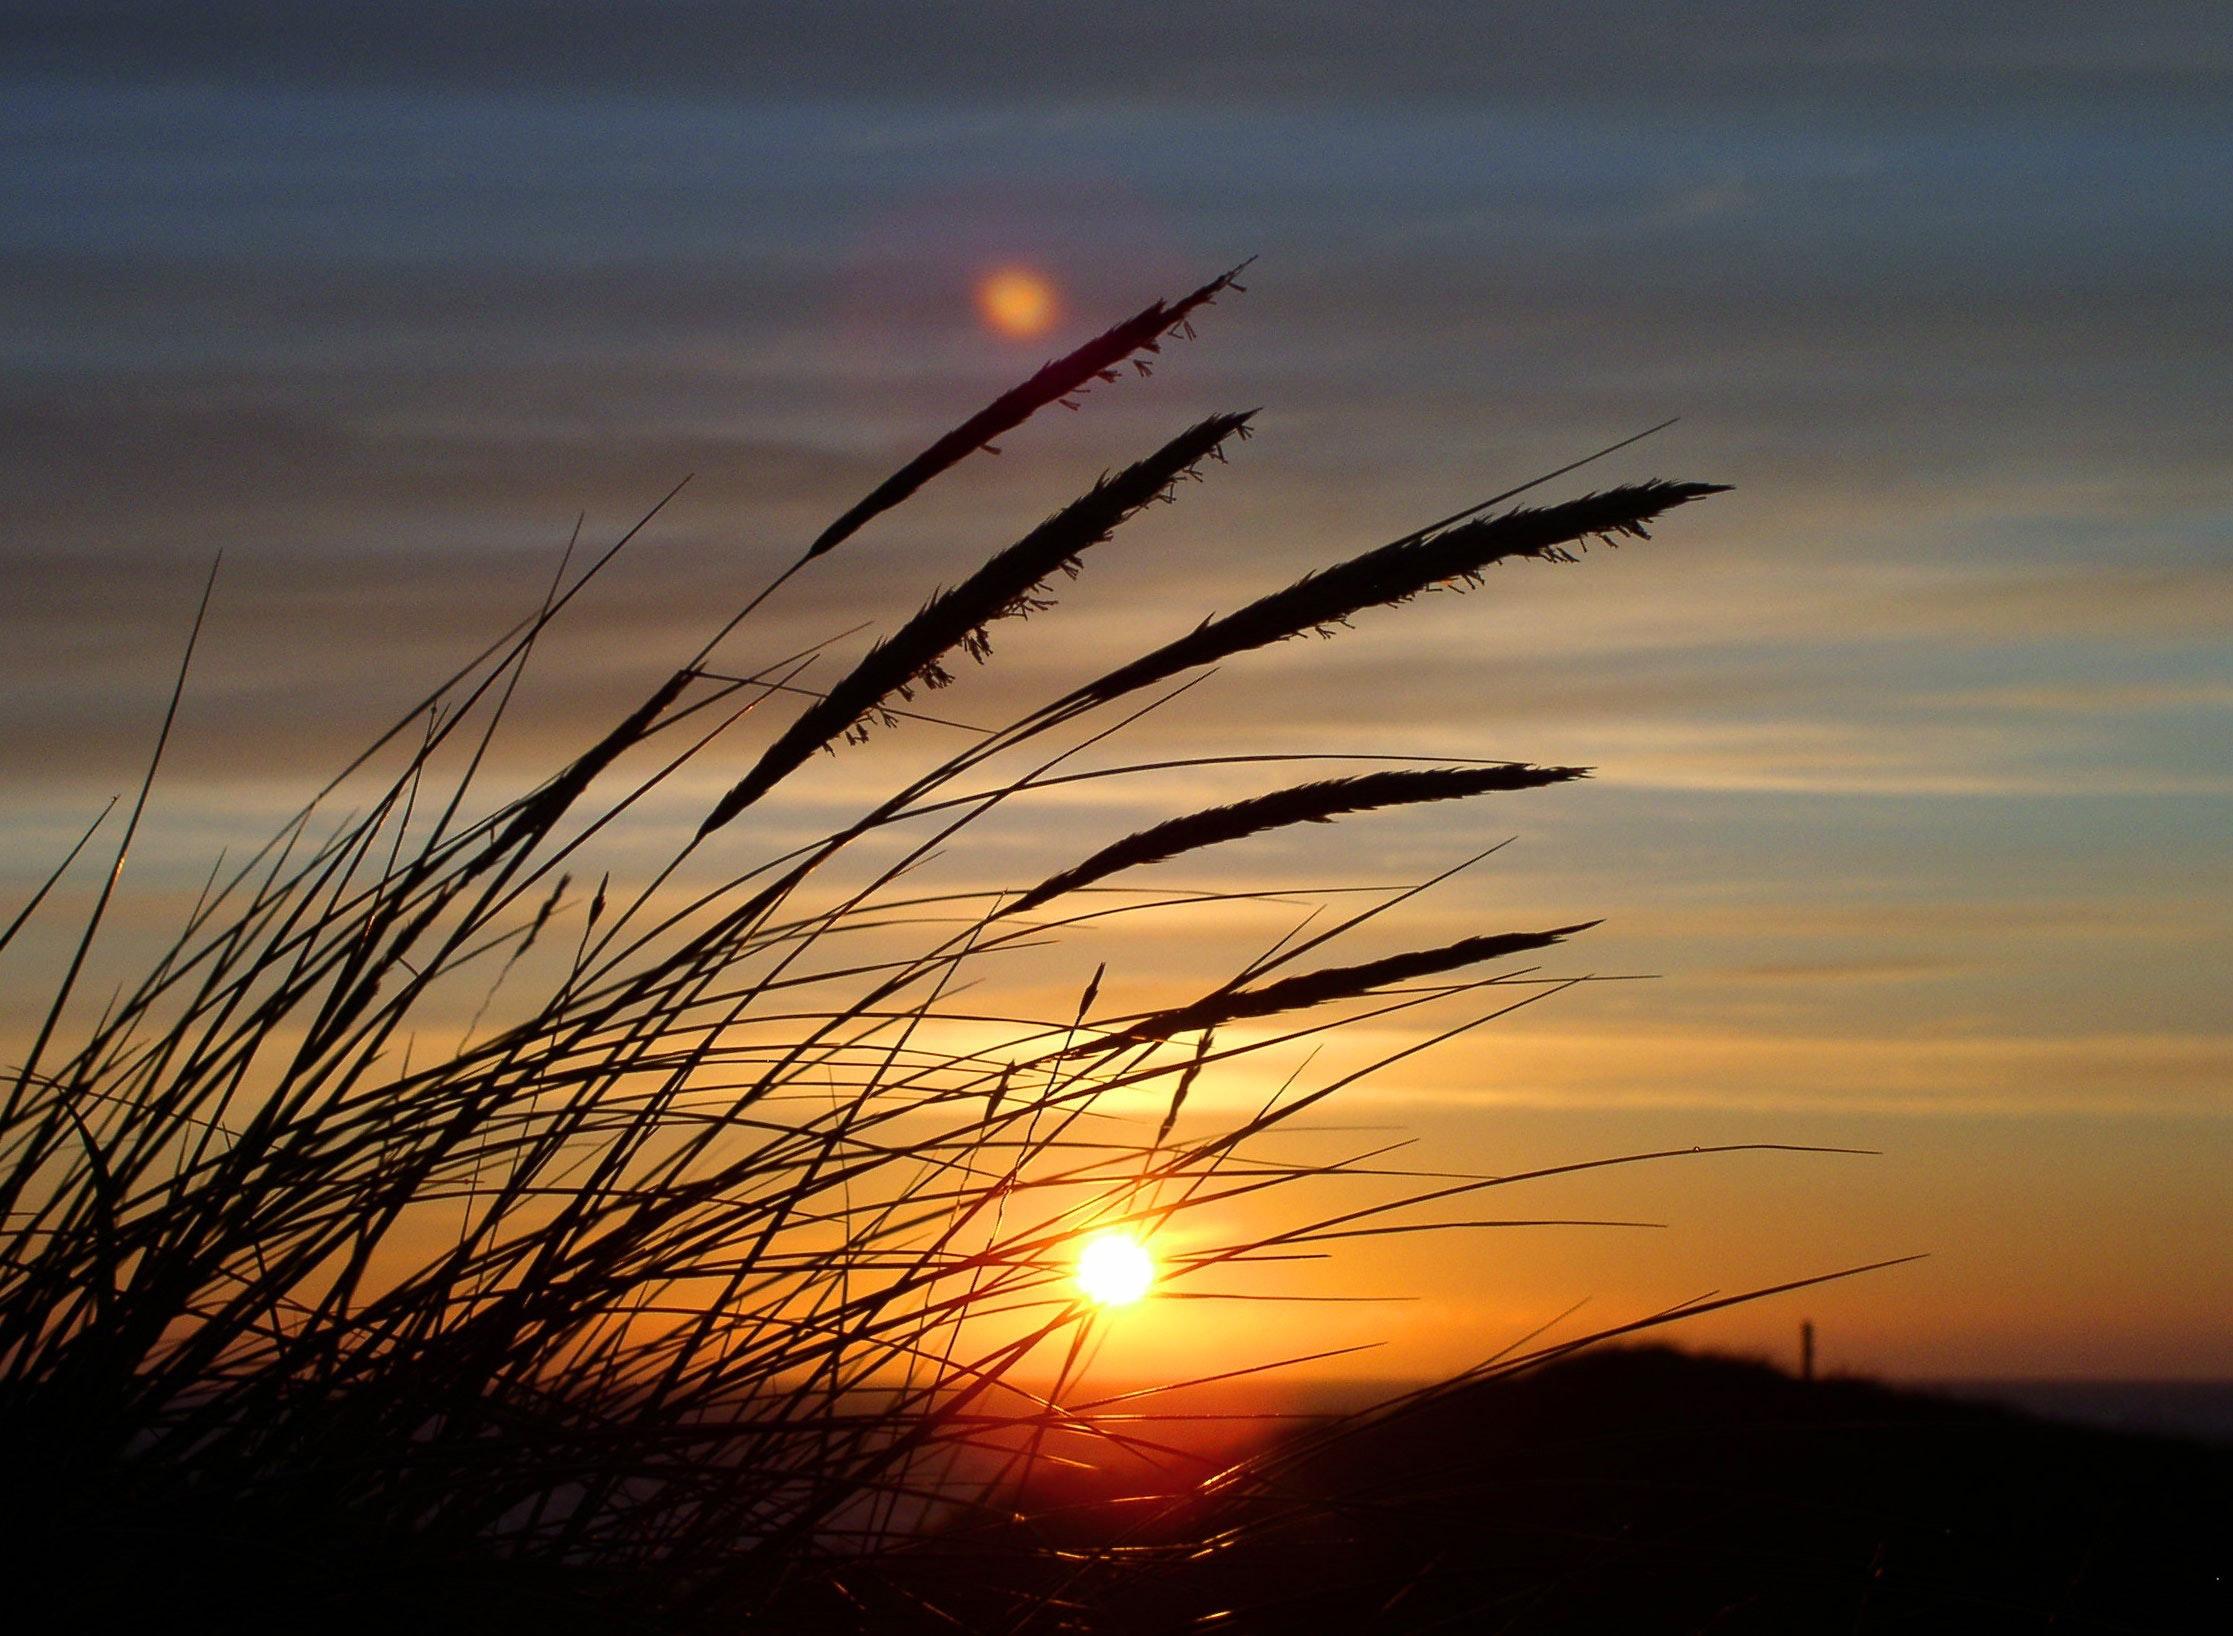 dawn-dusk-grass-86697